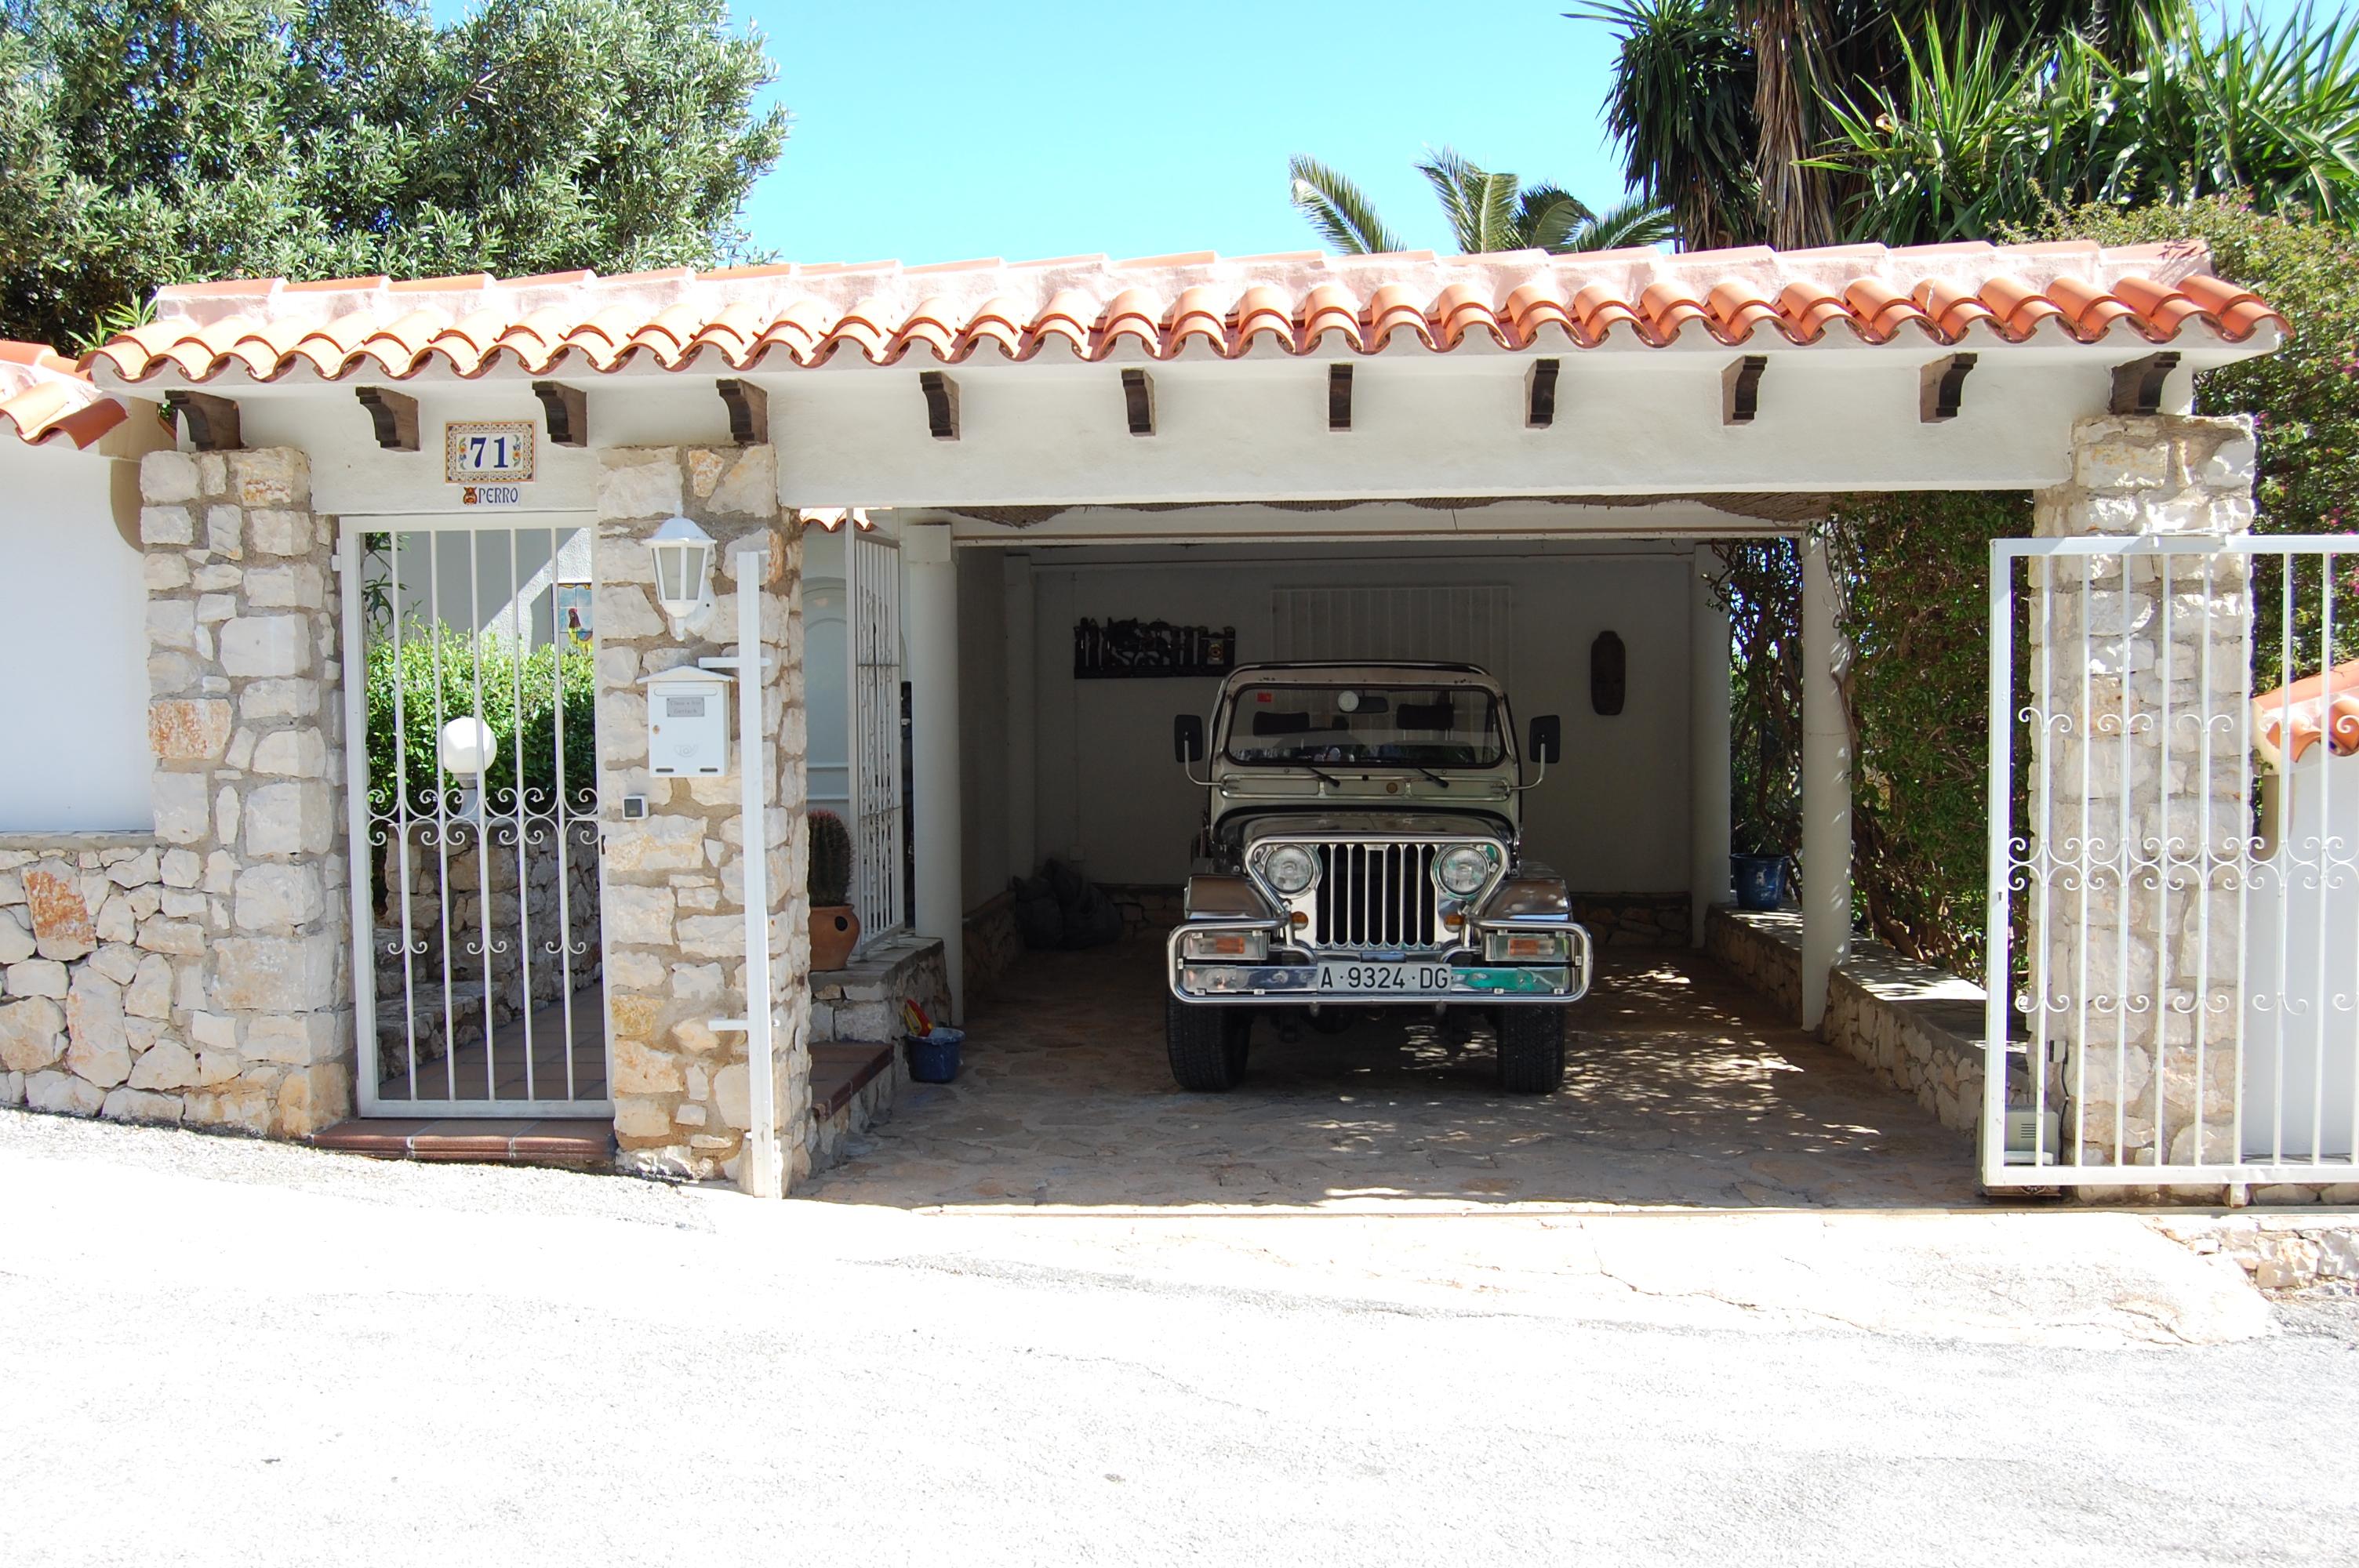 Venda casa de campo denia alicante espanha don quijote - Casas de campo en alicante ...